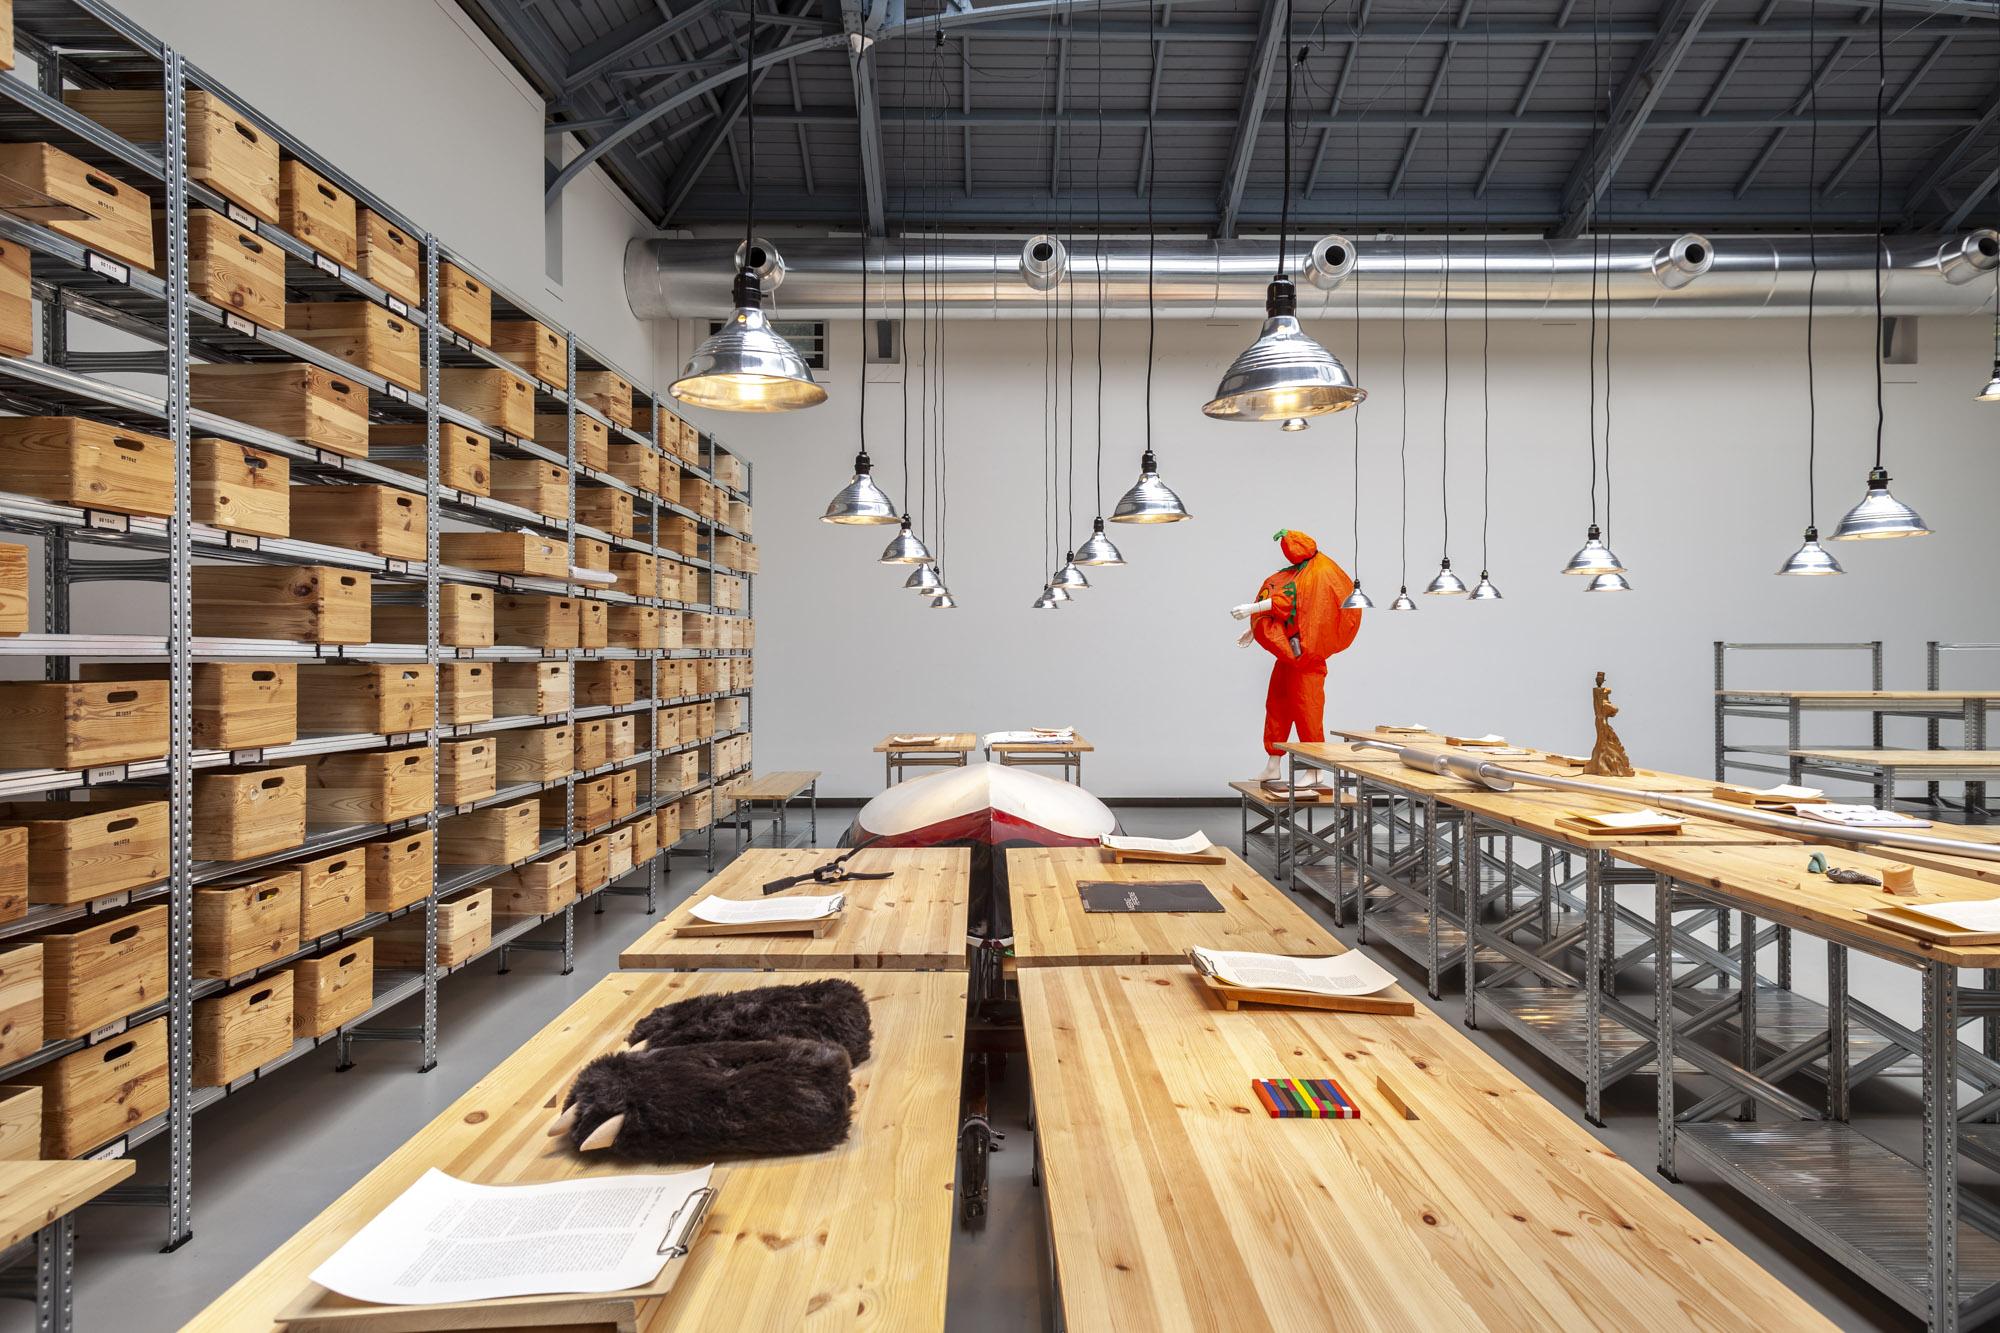 Exposition Agence (Kobe Matthys), La Verrière, Fondation d'entreprise Hermès, 2014